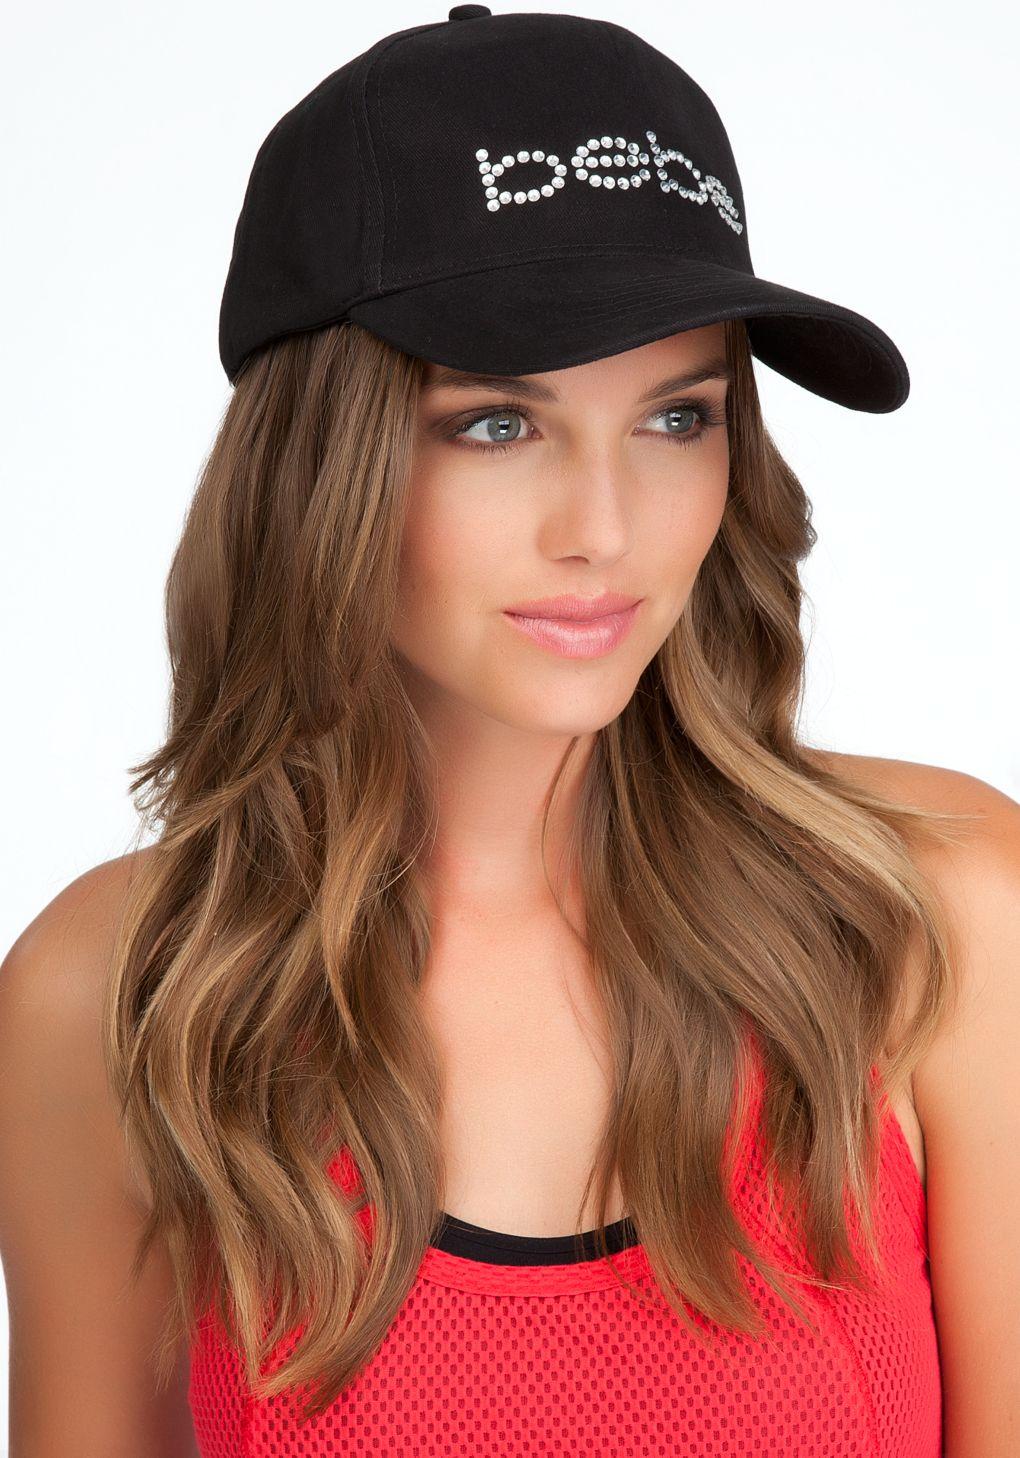 bb60dd025 Bebe Logo Rhinestone Baseball Cap in Black | Lyst | Accessories ...